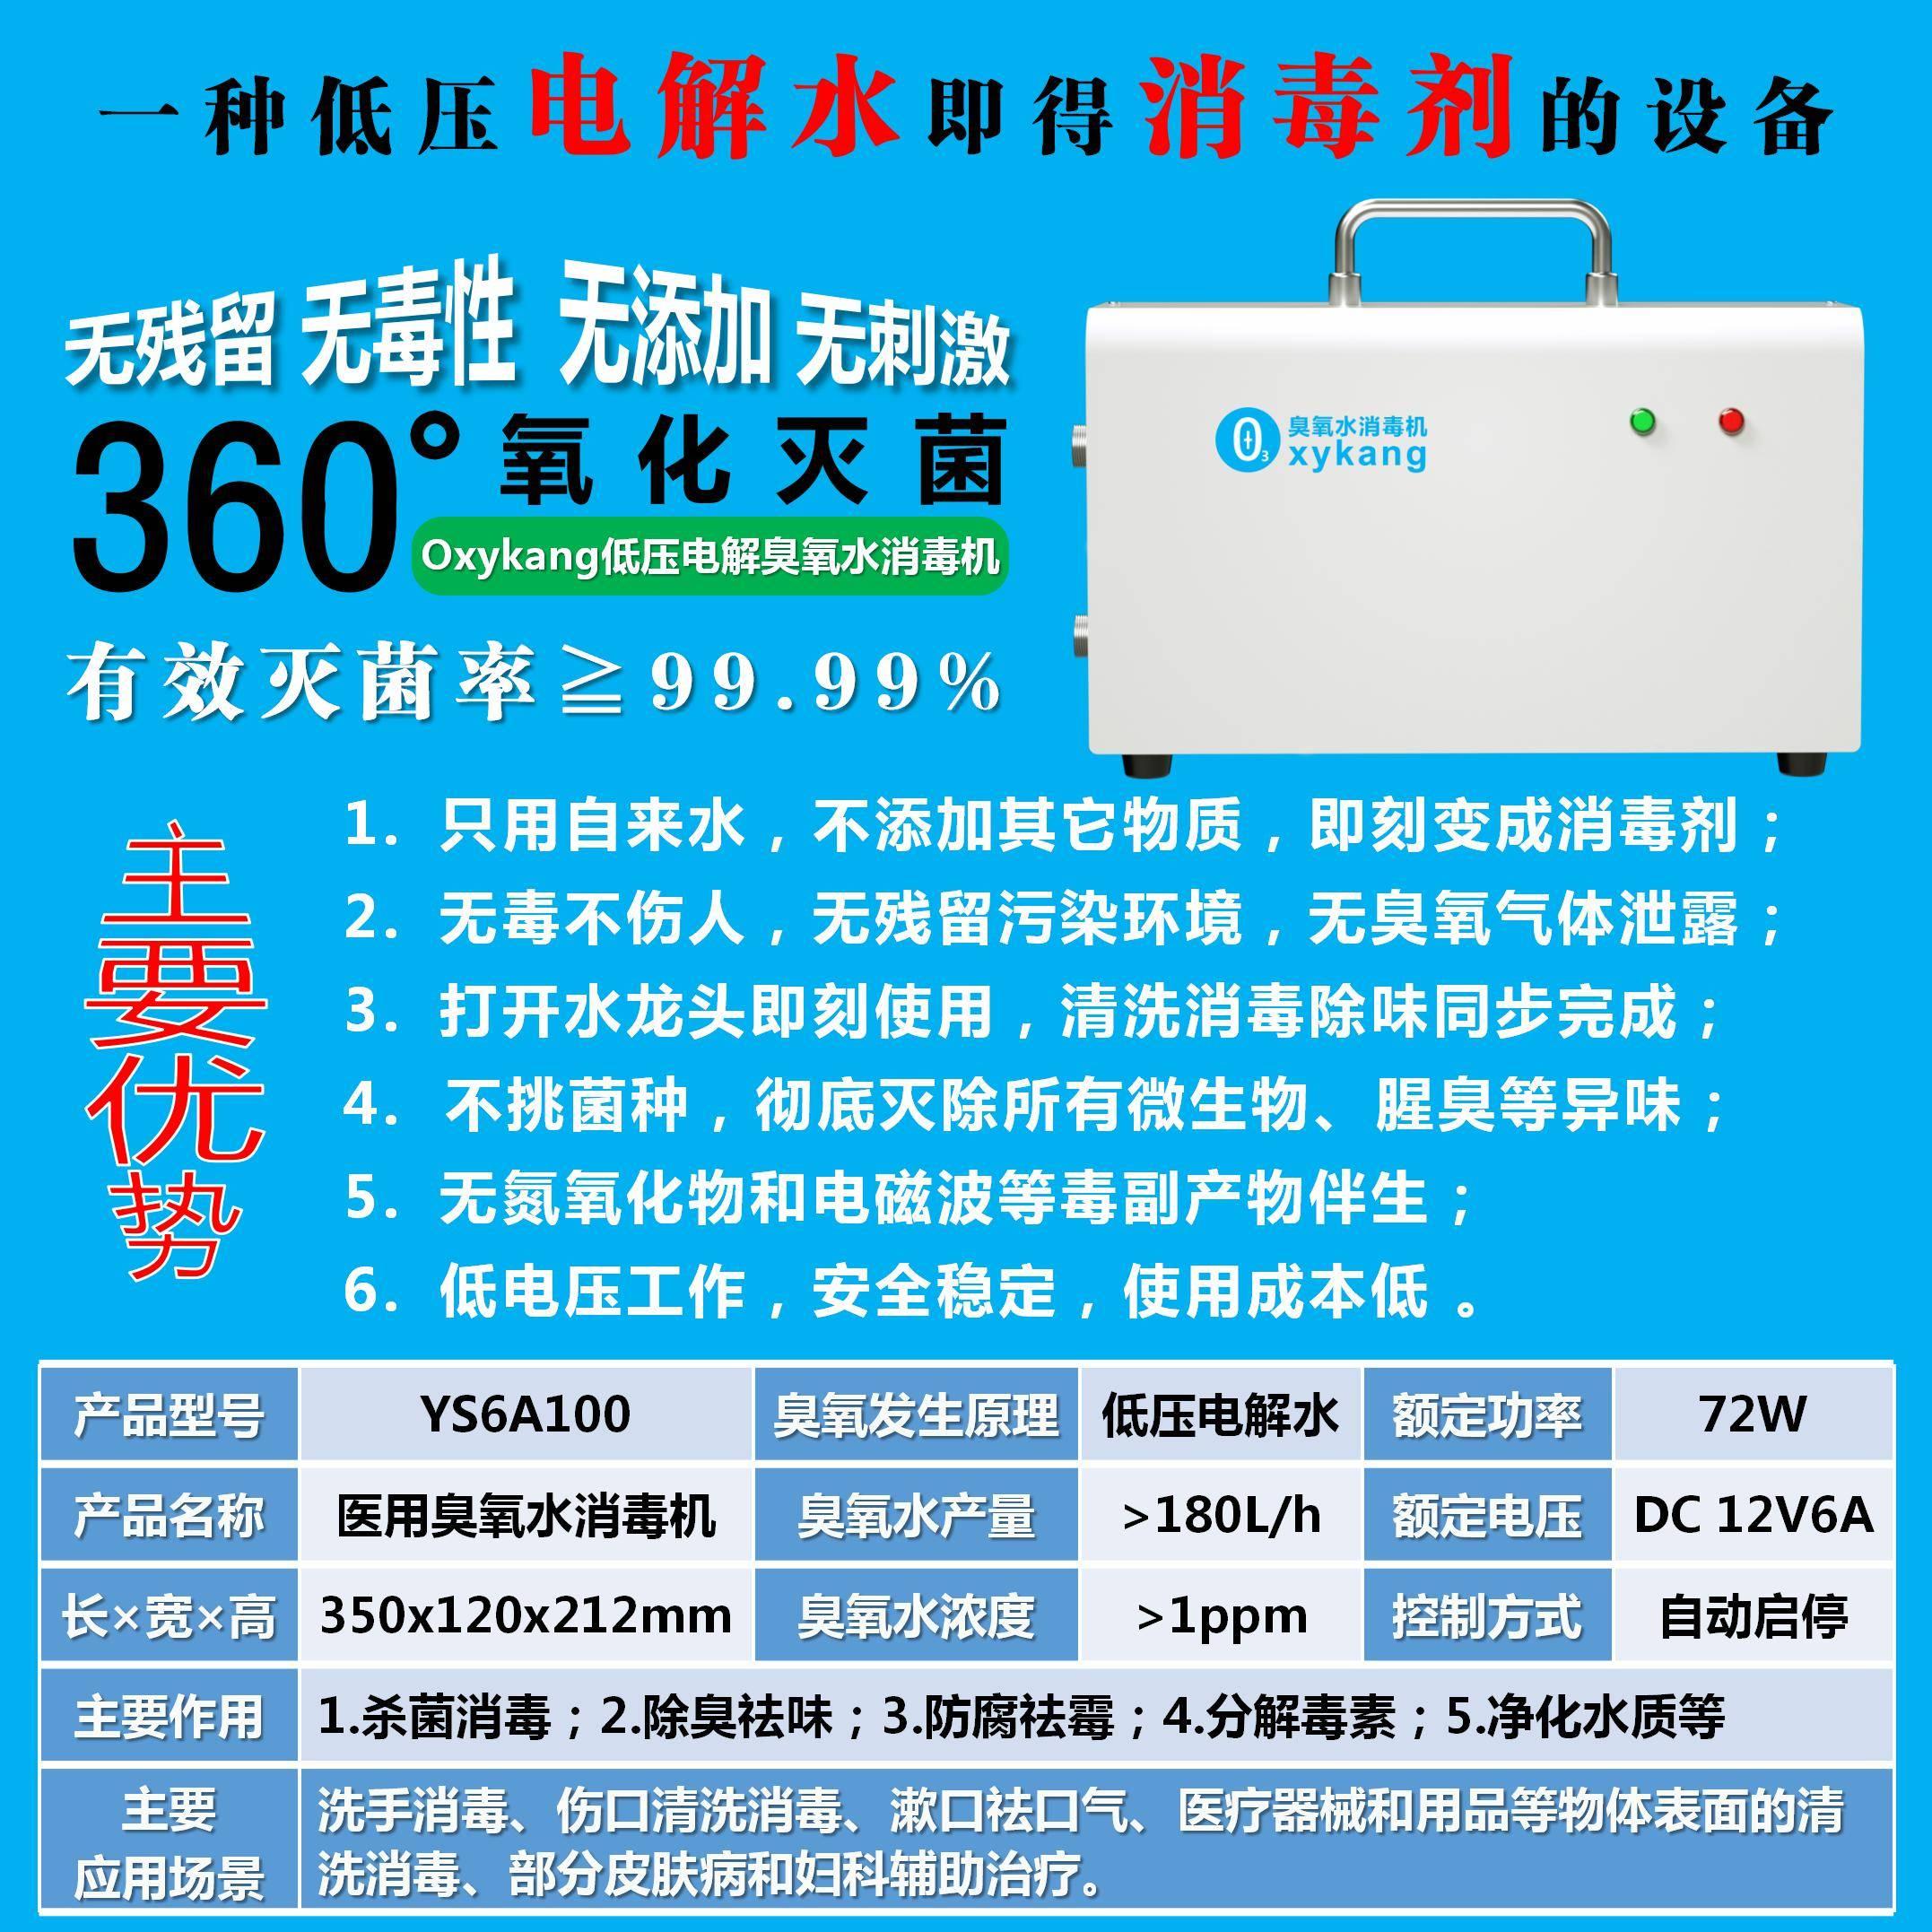 Oxykang低压电解自来水制备高浓度高纯度臭氧水的设备在中国诞生了